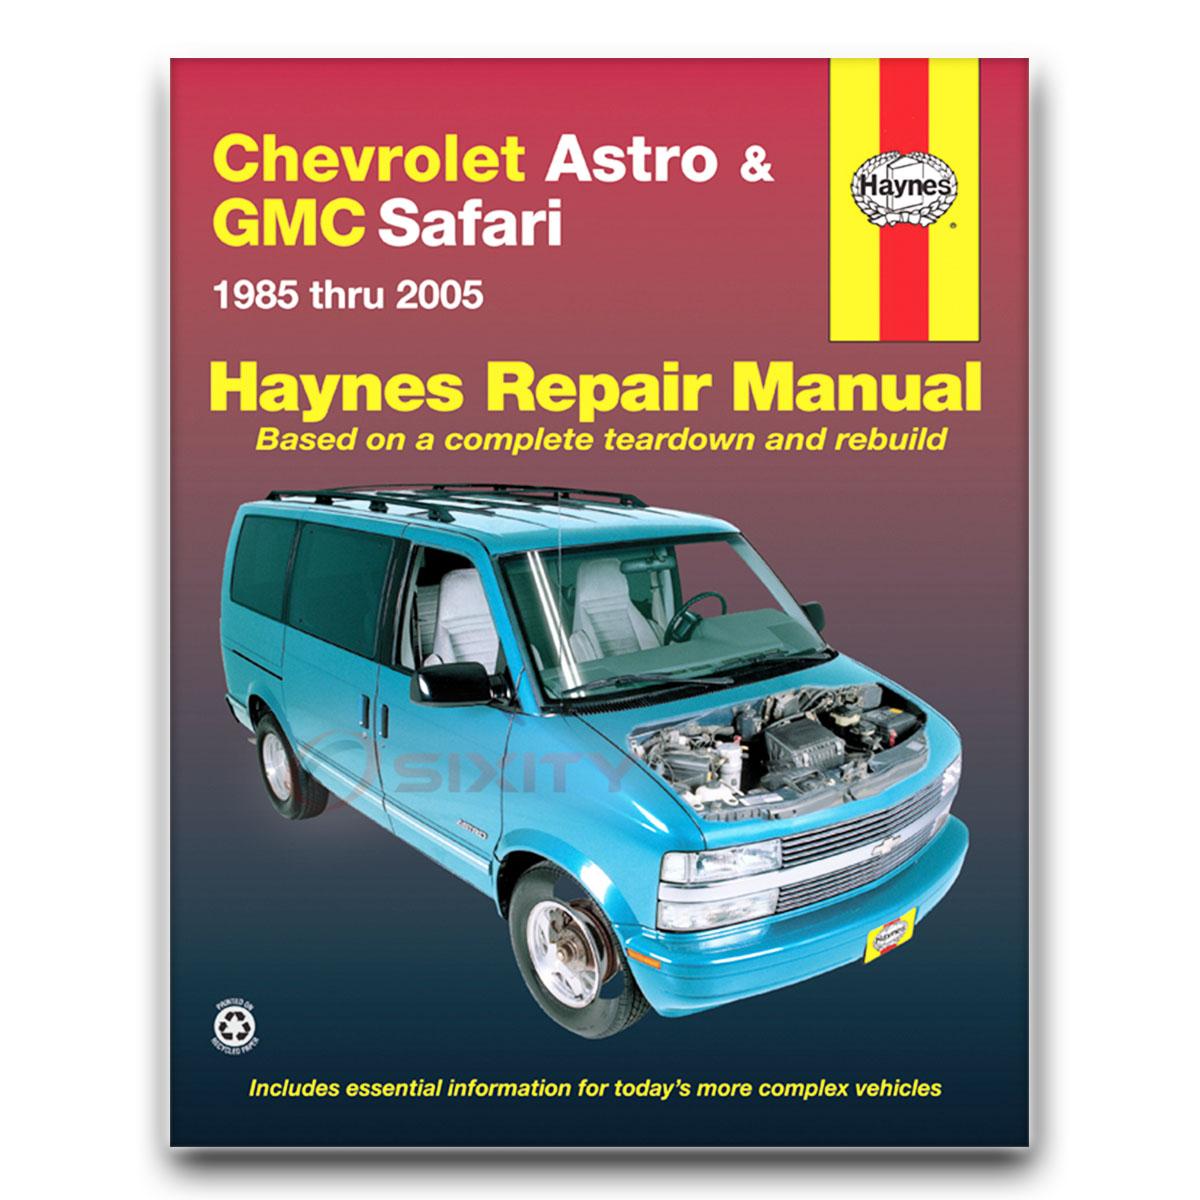 Haynes Repair Manual 24010 For Chevrolet Astro Gmc Safari Mini Van 85